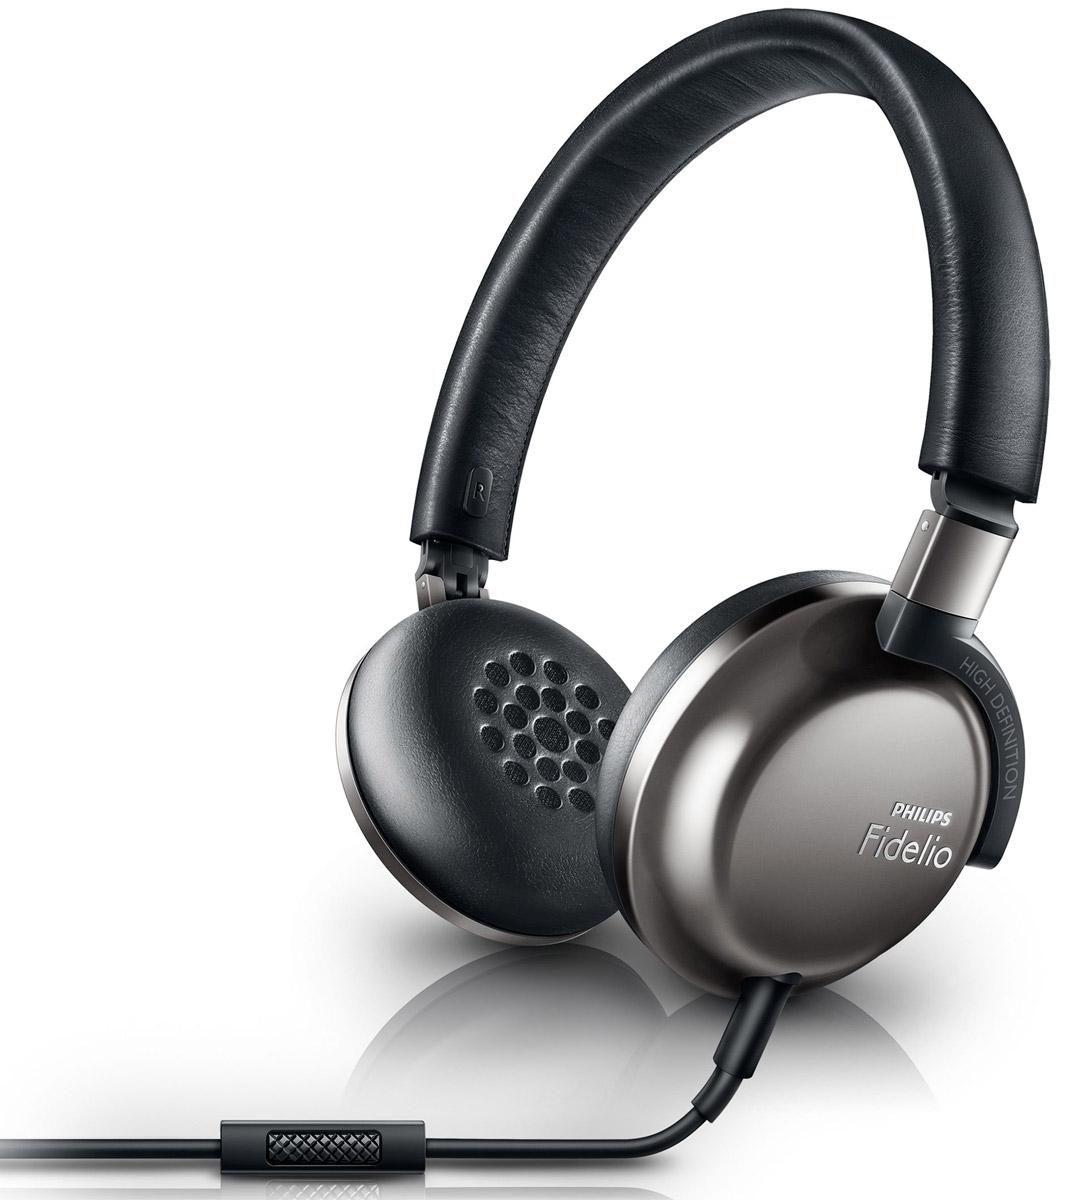 Philips F1/00 наушникиF1/00Сверхтонкие и легкие наушники Philips Fidelio F1 идеально подходят для путешествий: в одной модели прекрасно сочетаются безупречное качество звучания, удобная посадка и прочность. Тщательно продуманная конструкция обеспечивает звук высокой четкости и превосходную шумоизоляцию в любых условиях. Звук высокого разрешения обеспечивает максимально качественное воспроизведение музыки: Звук высокого разрешения обеспечивает превосходное качество воспроизведения, которое гораздо ближе к студийному, чем форматы CD 16 бит/44,1 кГц. Благодаря такому безупречному качеству звук высокого разрешения не оставит равнодушным ни одного меломана. Наушники Fidelio соответствуют строжайшим стандартам качества и сертифицированы для воспроизведения звука высокого разрешения. Независимо от источника звука, будь то коллекция высококачественных музыкальных треков или более традиционные музыкальные композиции, наушники Fidelio обеспечивают безупречное звучание с расширенным...